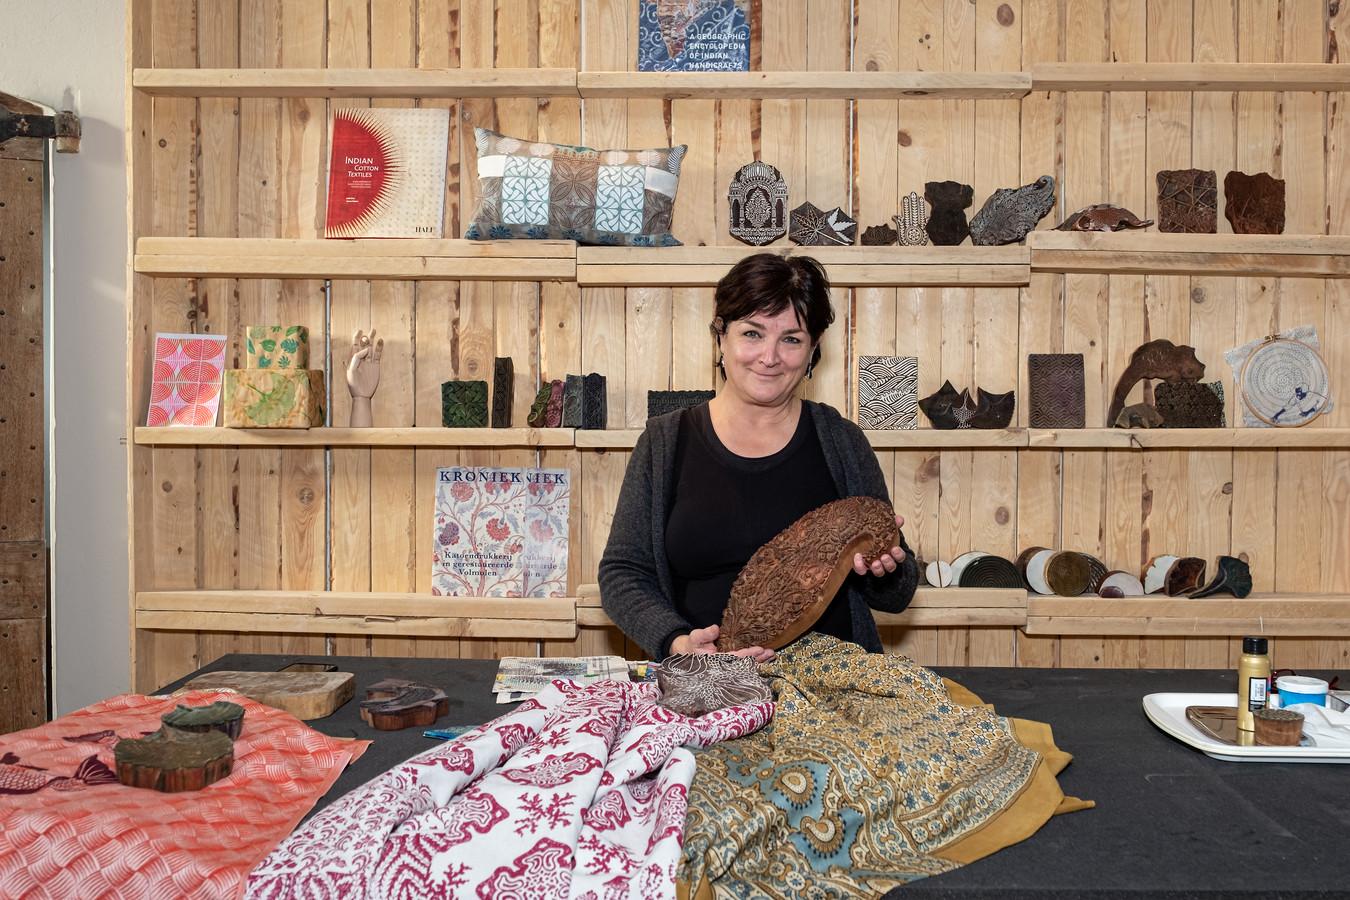 Nathalie Cassée, oprichter van De Katoendrukkerij. ,,De geschiedenis van de textielindustrie in Amersfoort begint steeds meer te leven voor mij.''